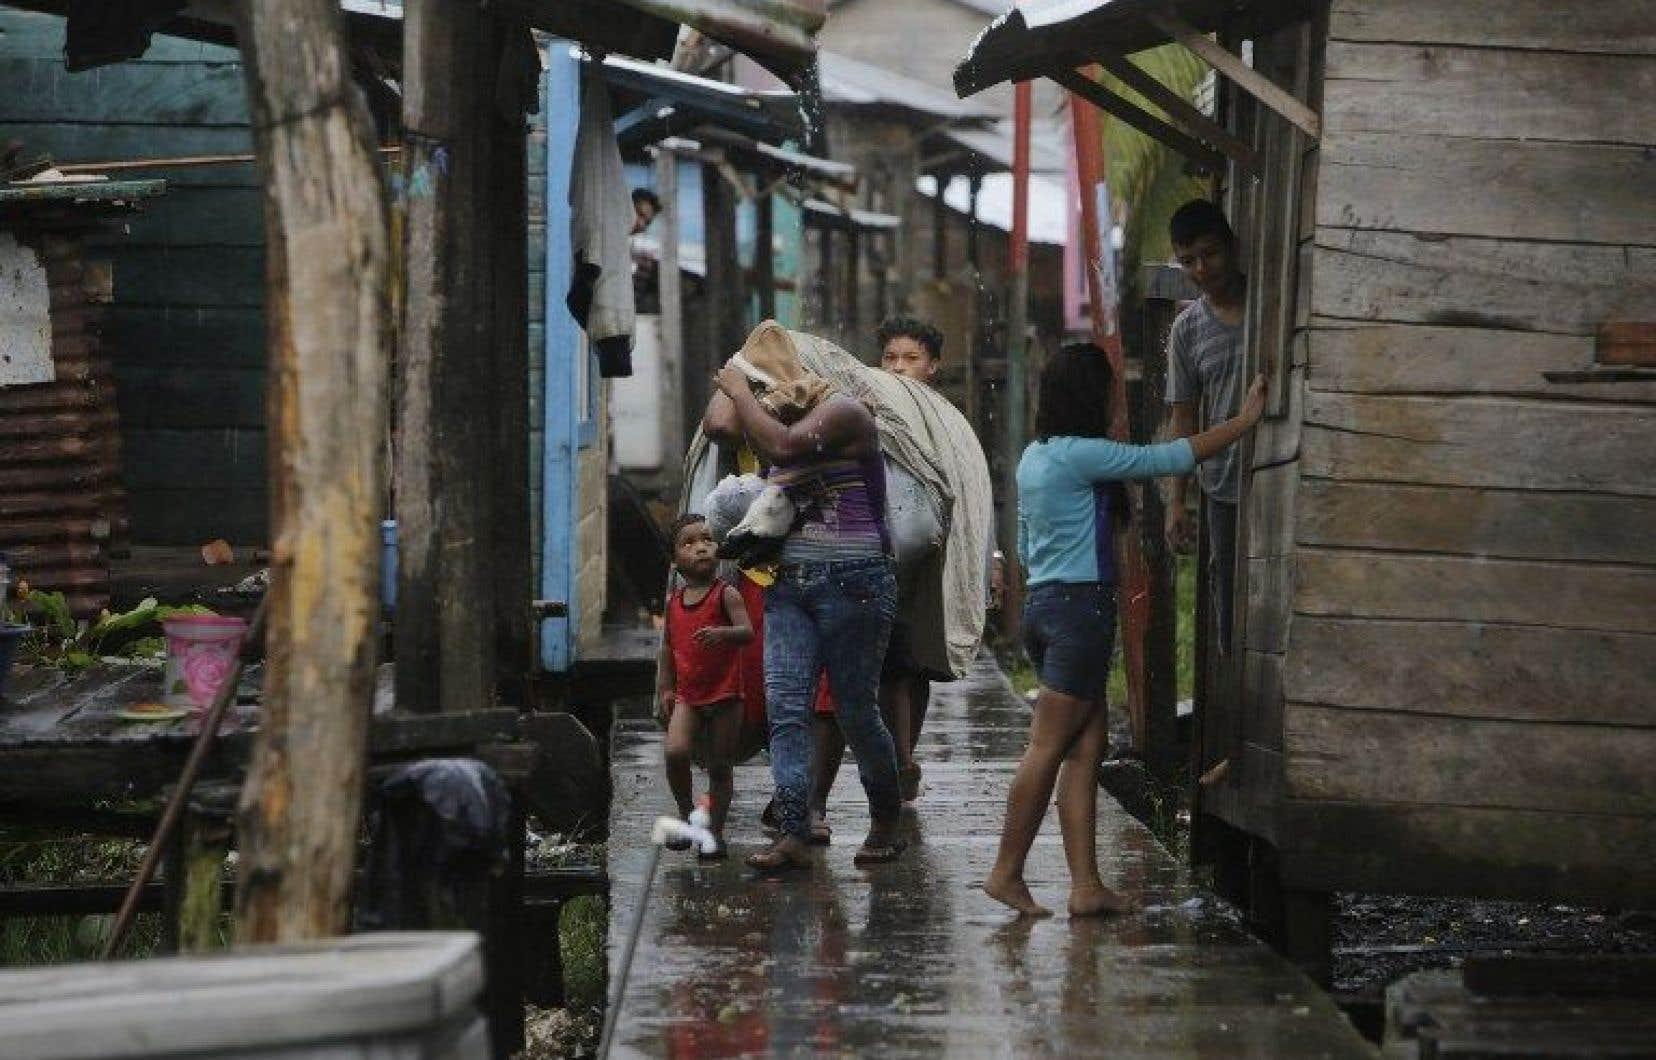 Par précaution, les gouvernements du Salvador et du Nicaragua ont lancé une alerte au tsunami et demandé aux habitants des régions côtières d'évacuer la zone.